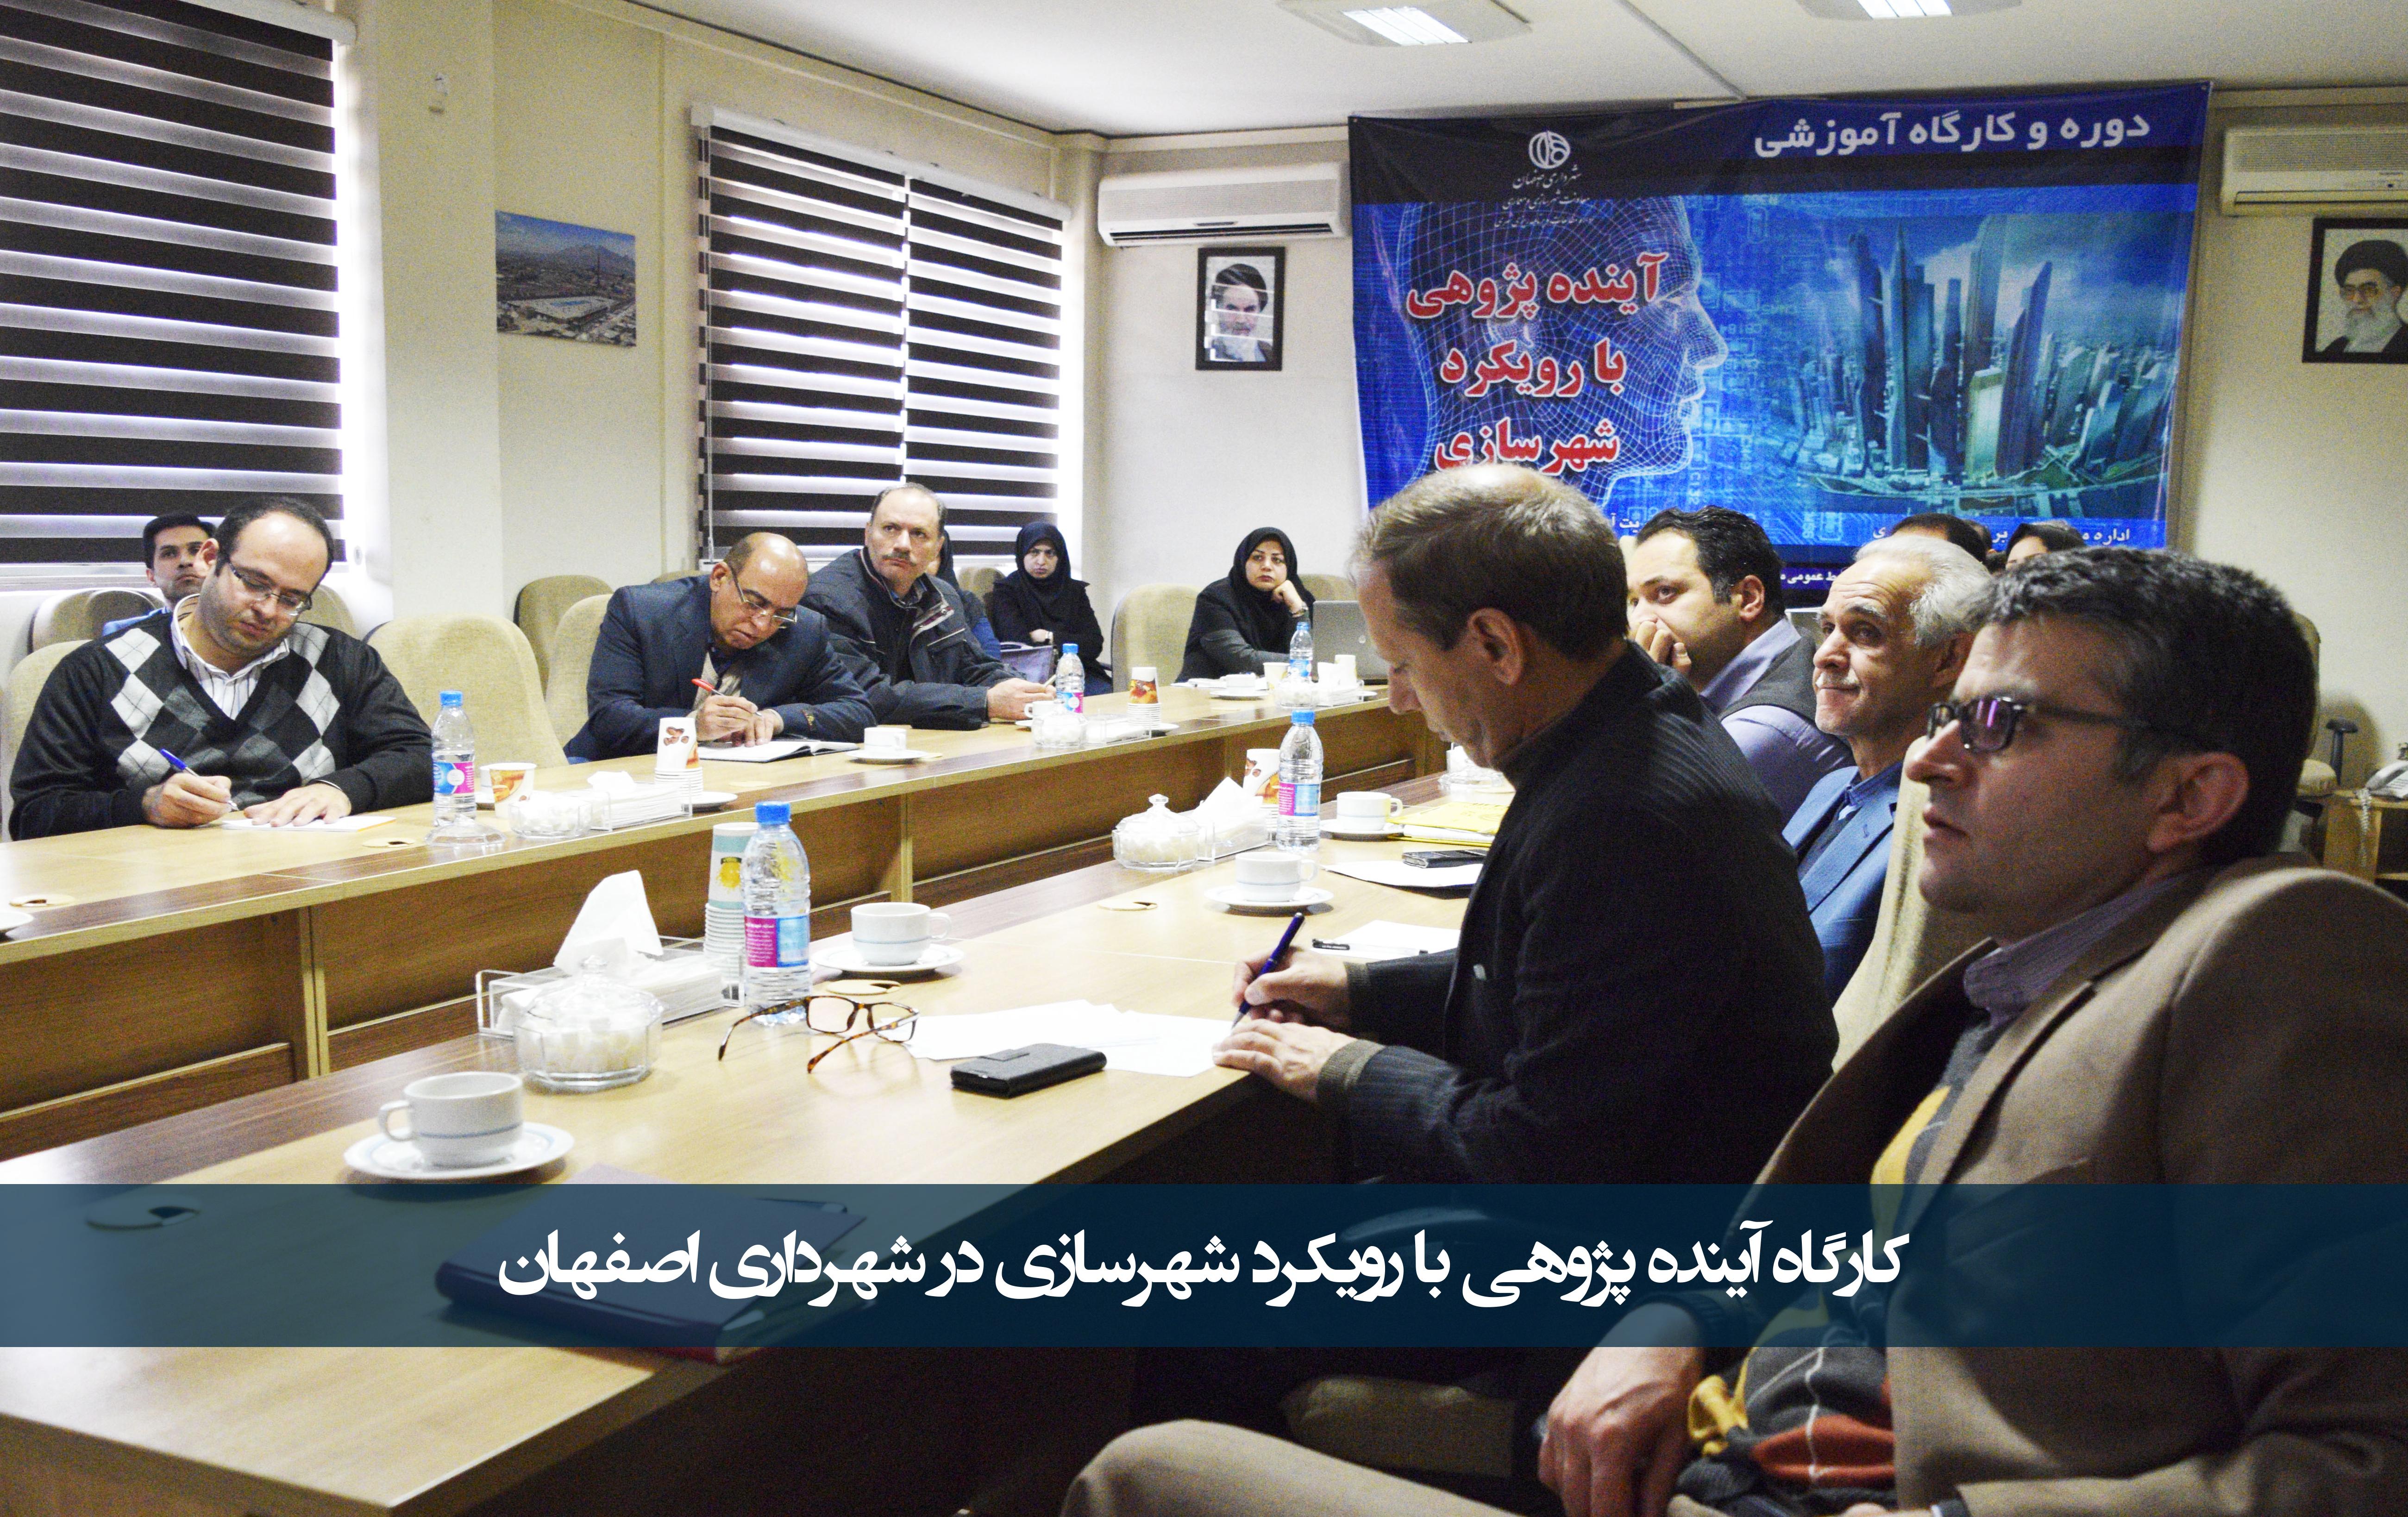 کارگاه آینده پژوهی با رویکرد شهرسازی در شهرداری اصفهان